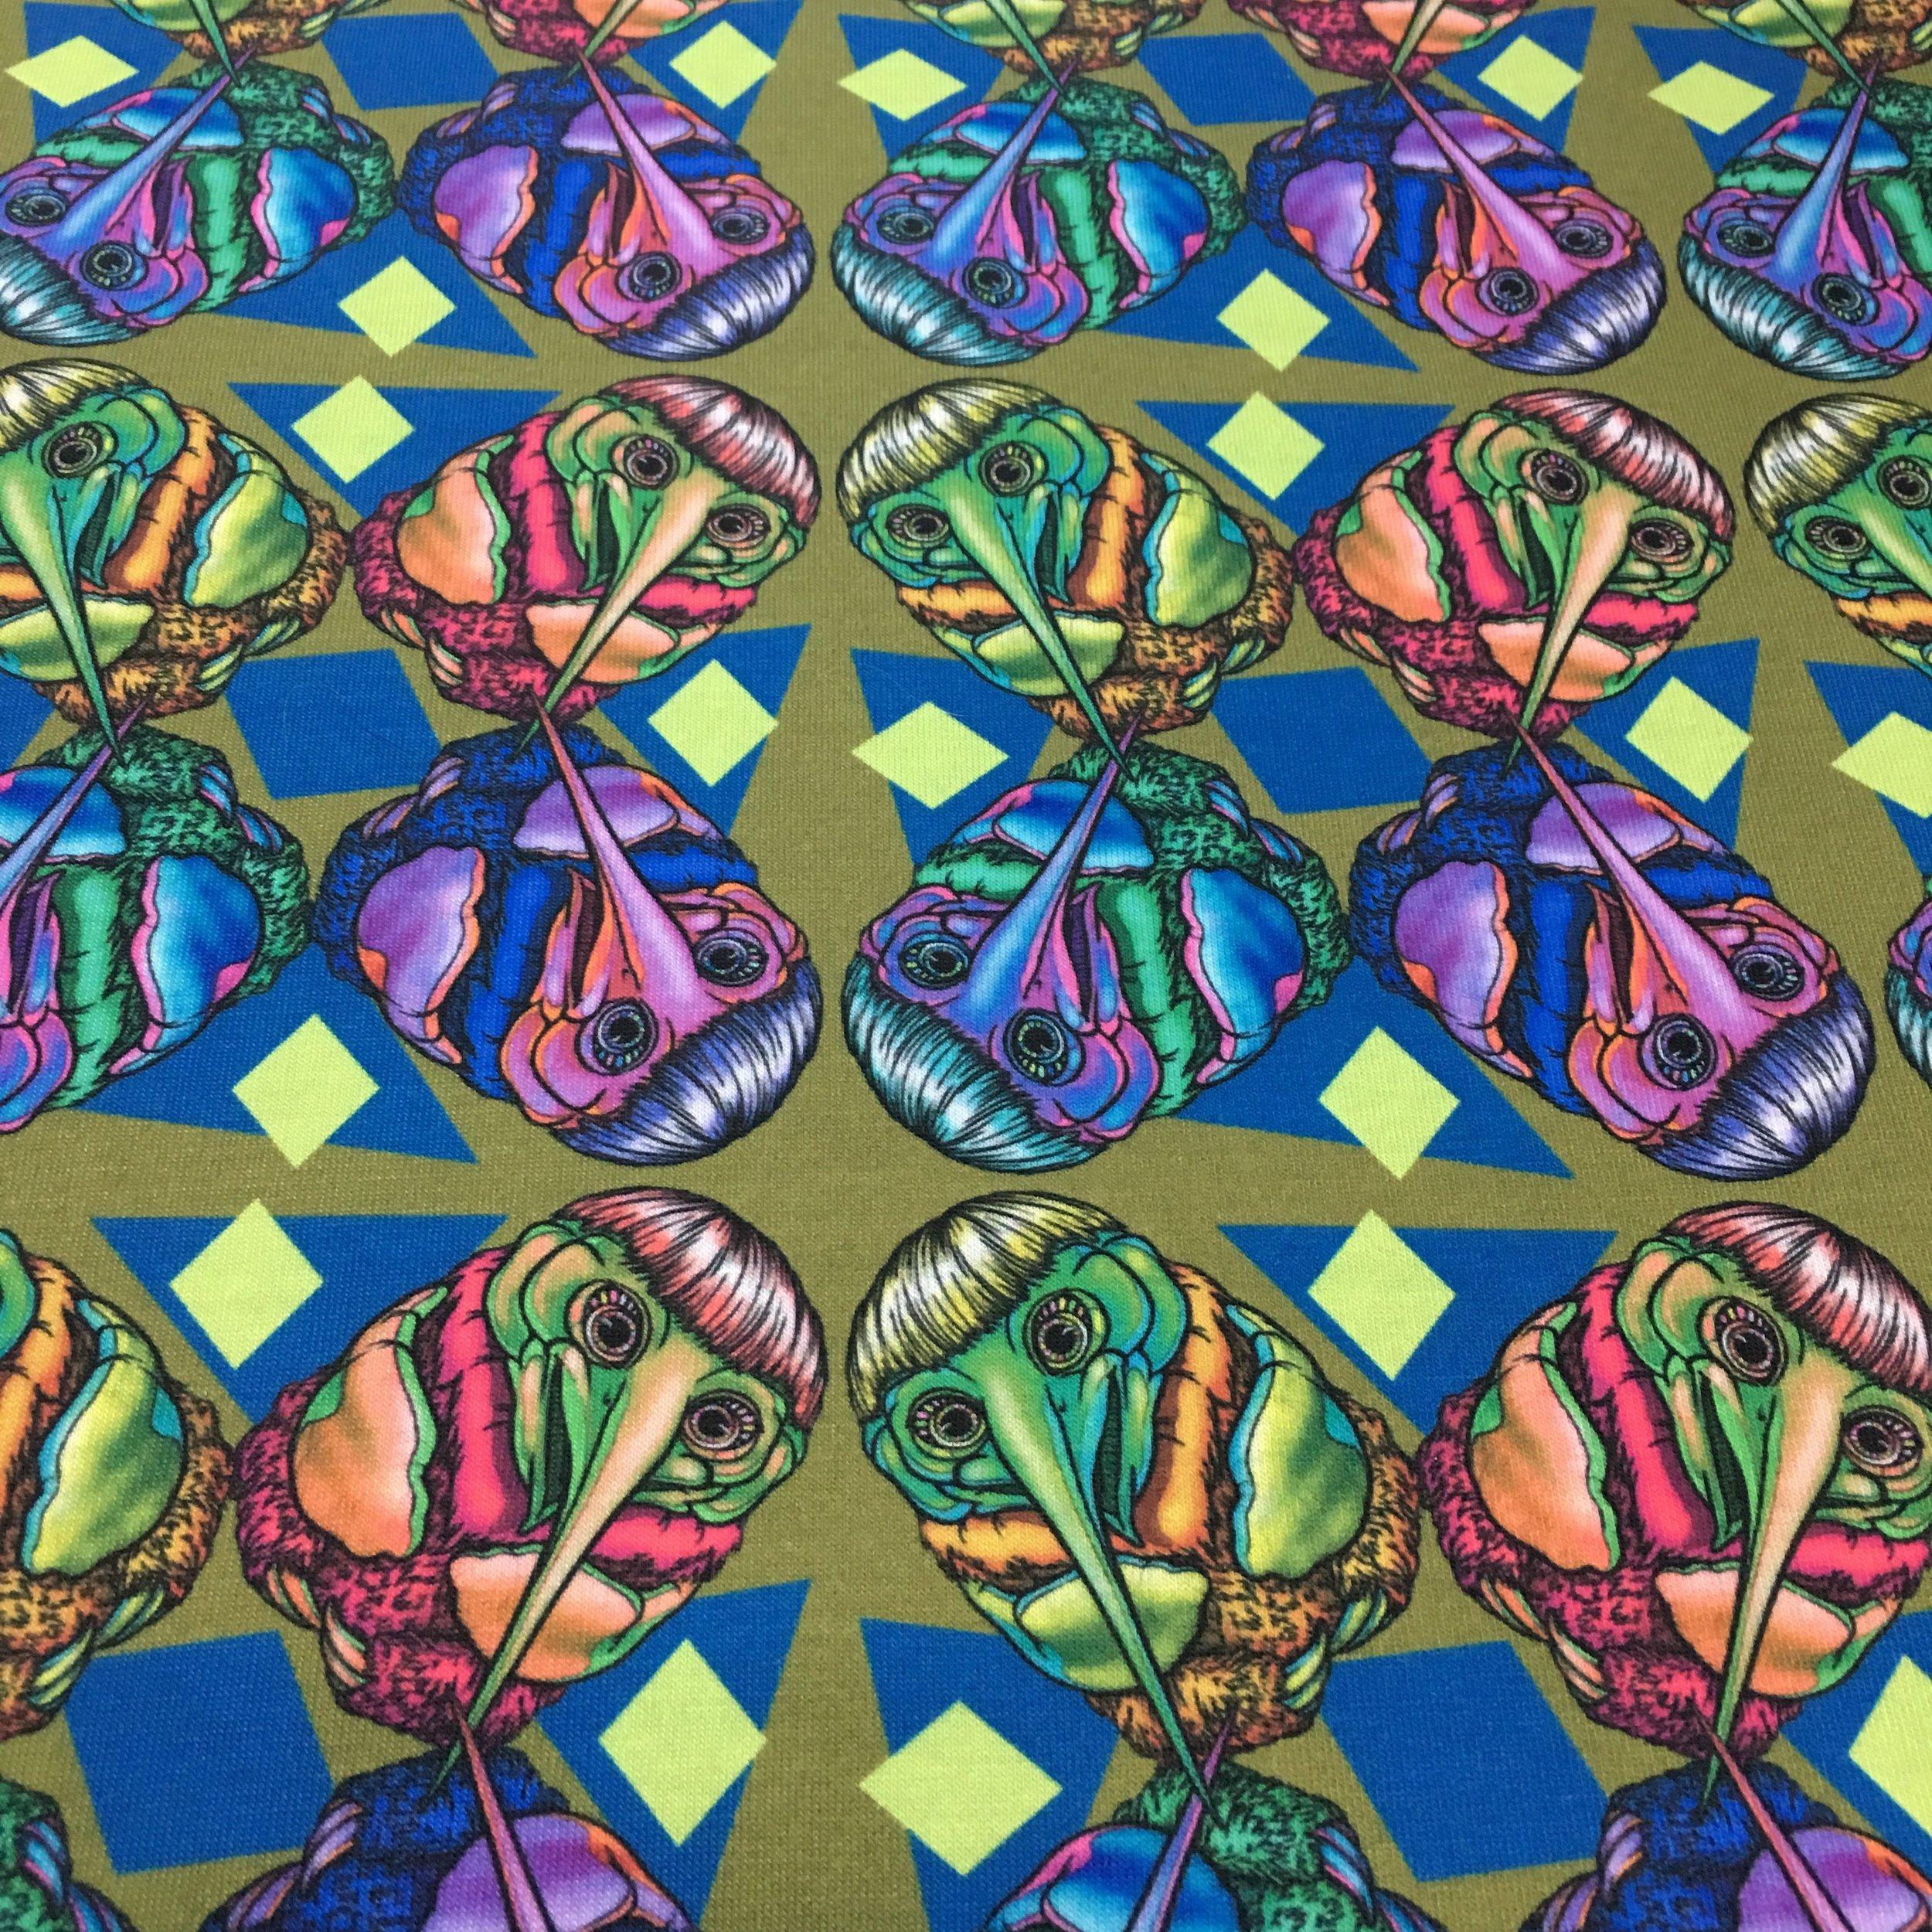 Mushroom Fabric